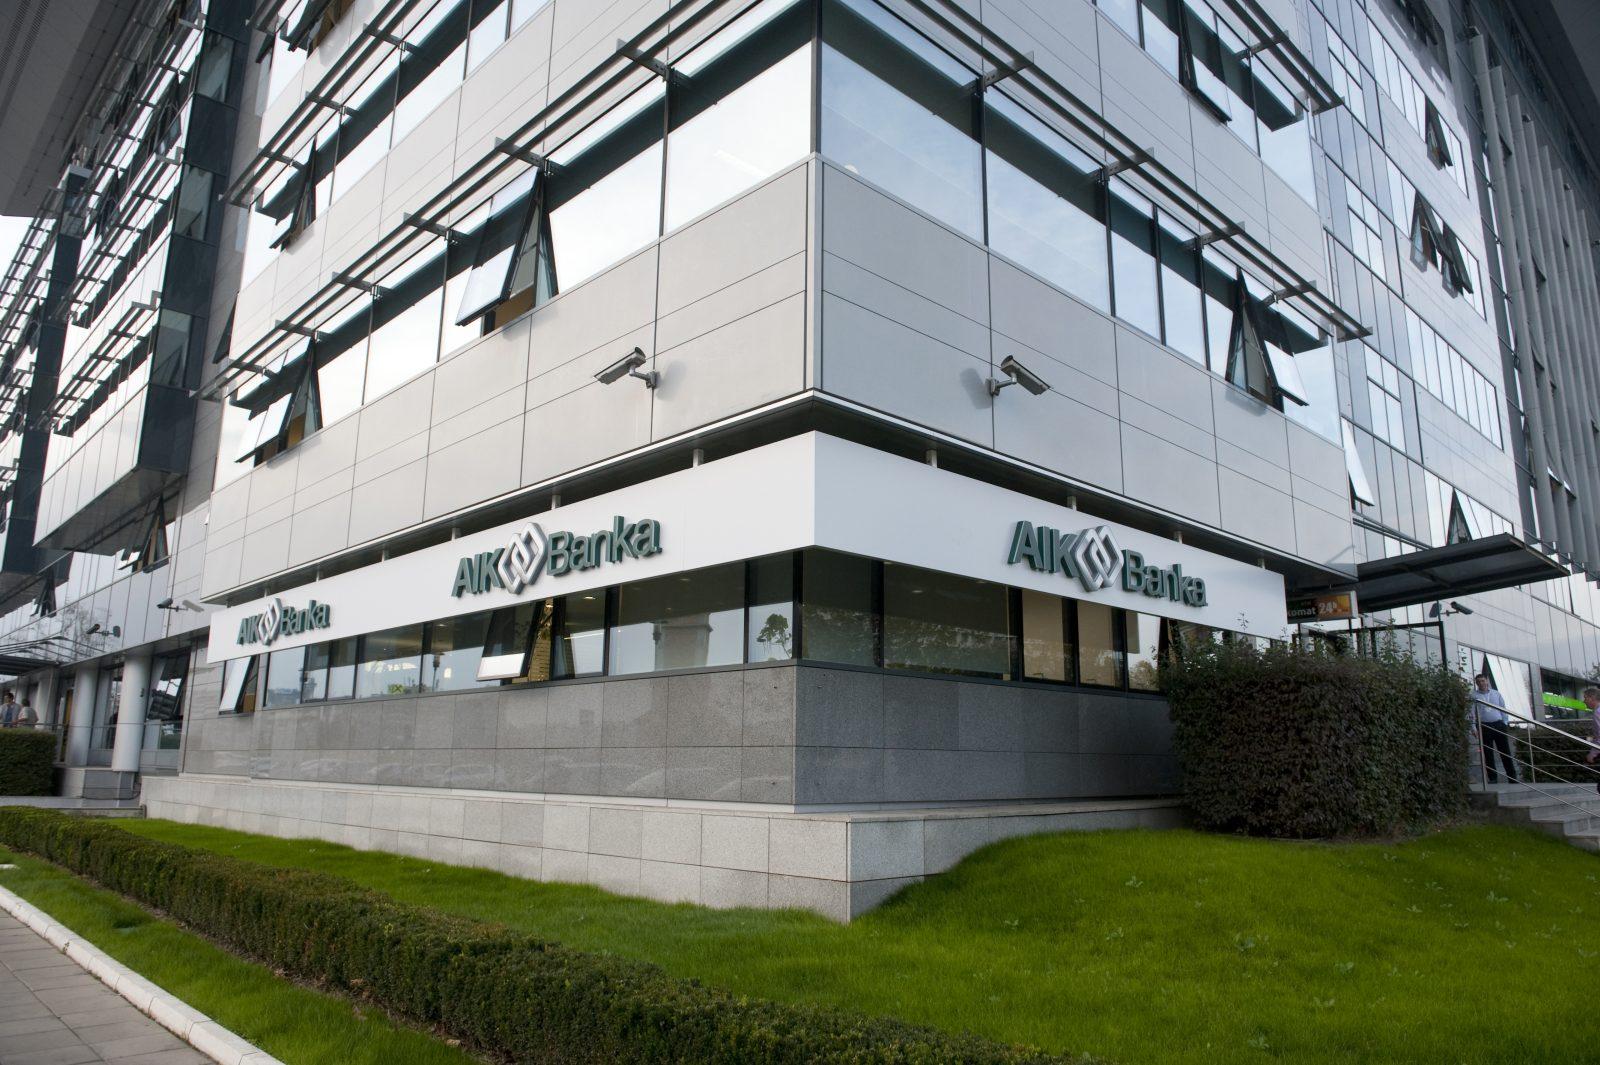 23 godine uspešnog poslovanja AIK Banke u Srbiji